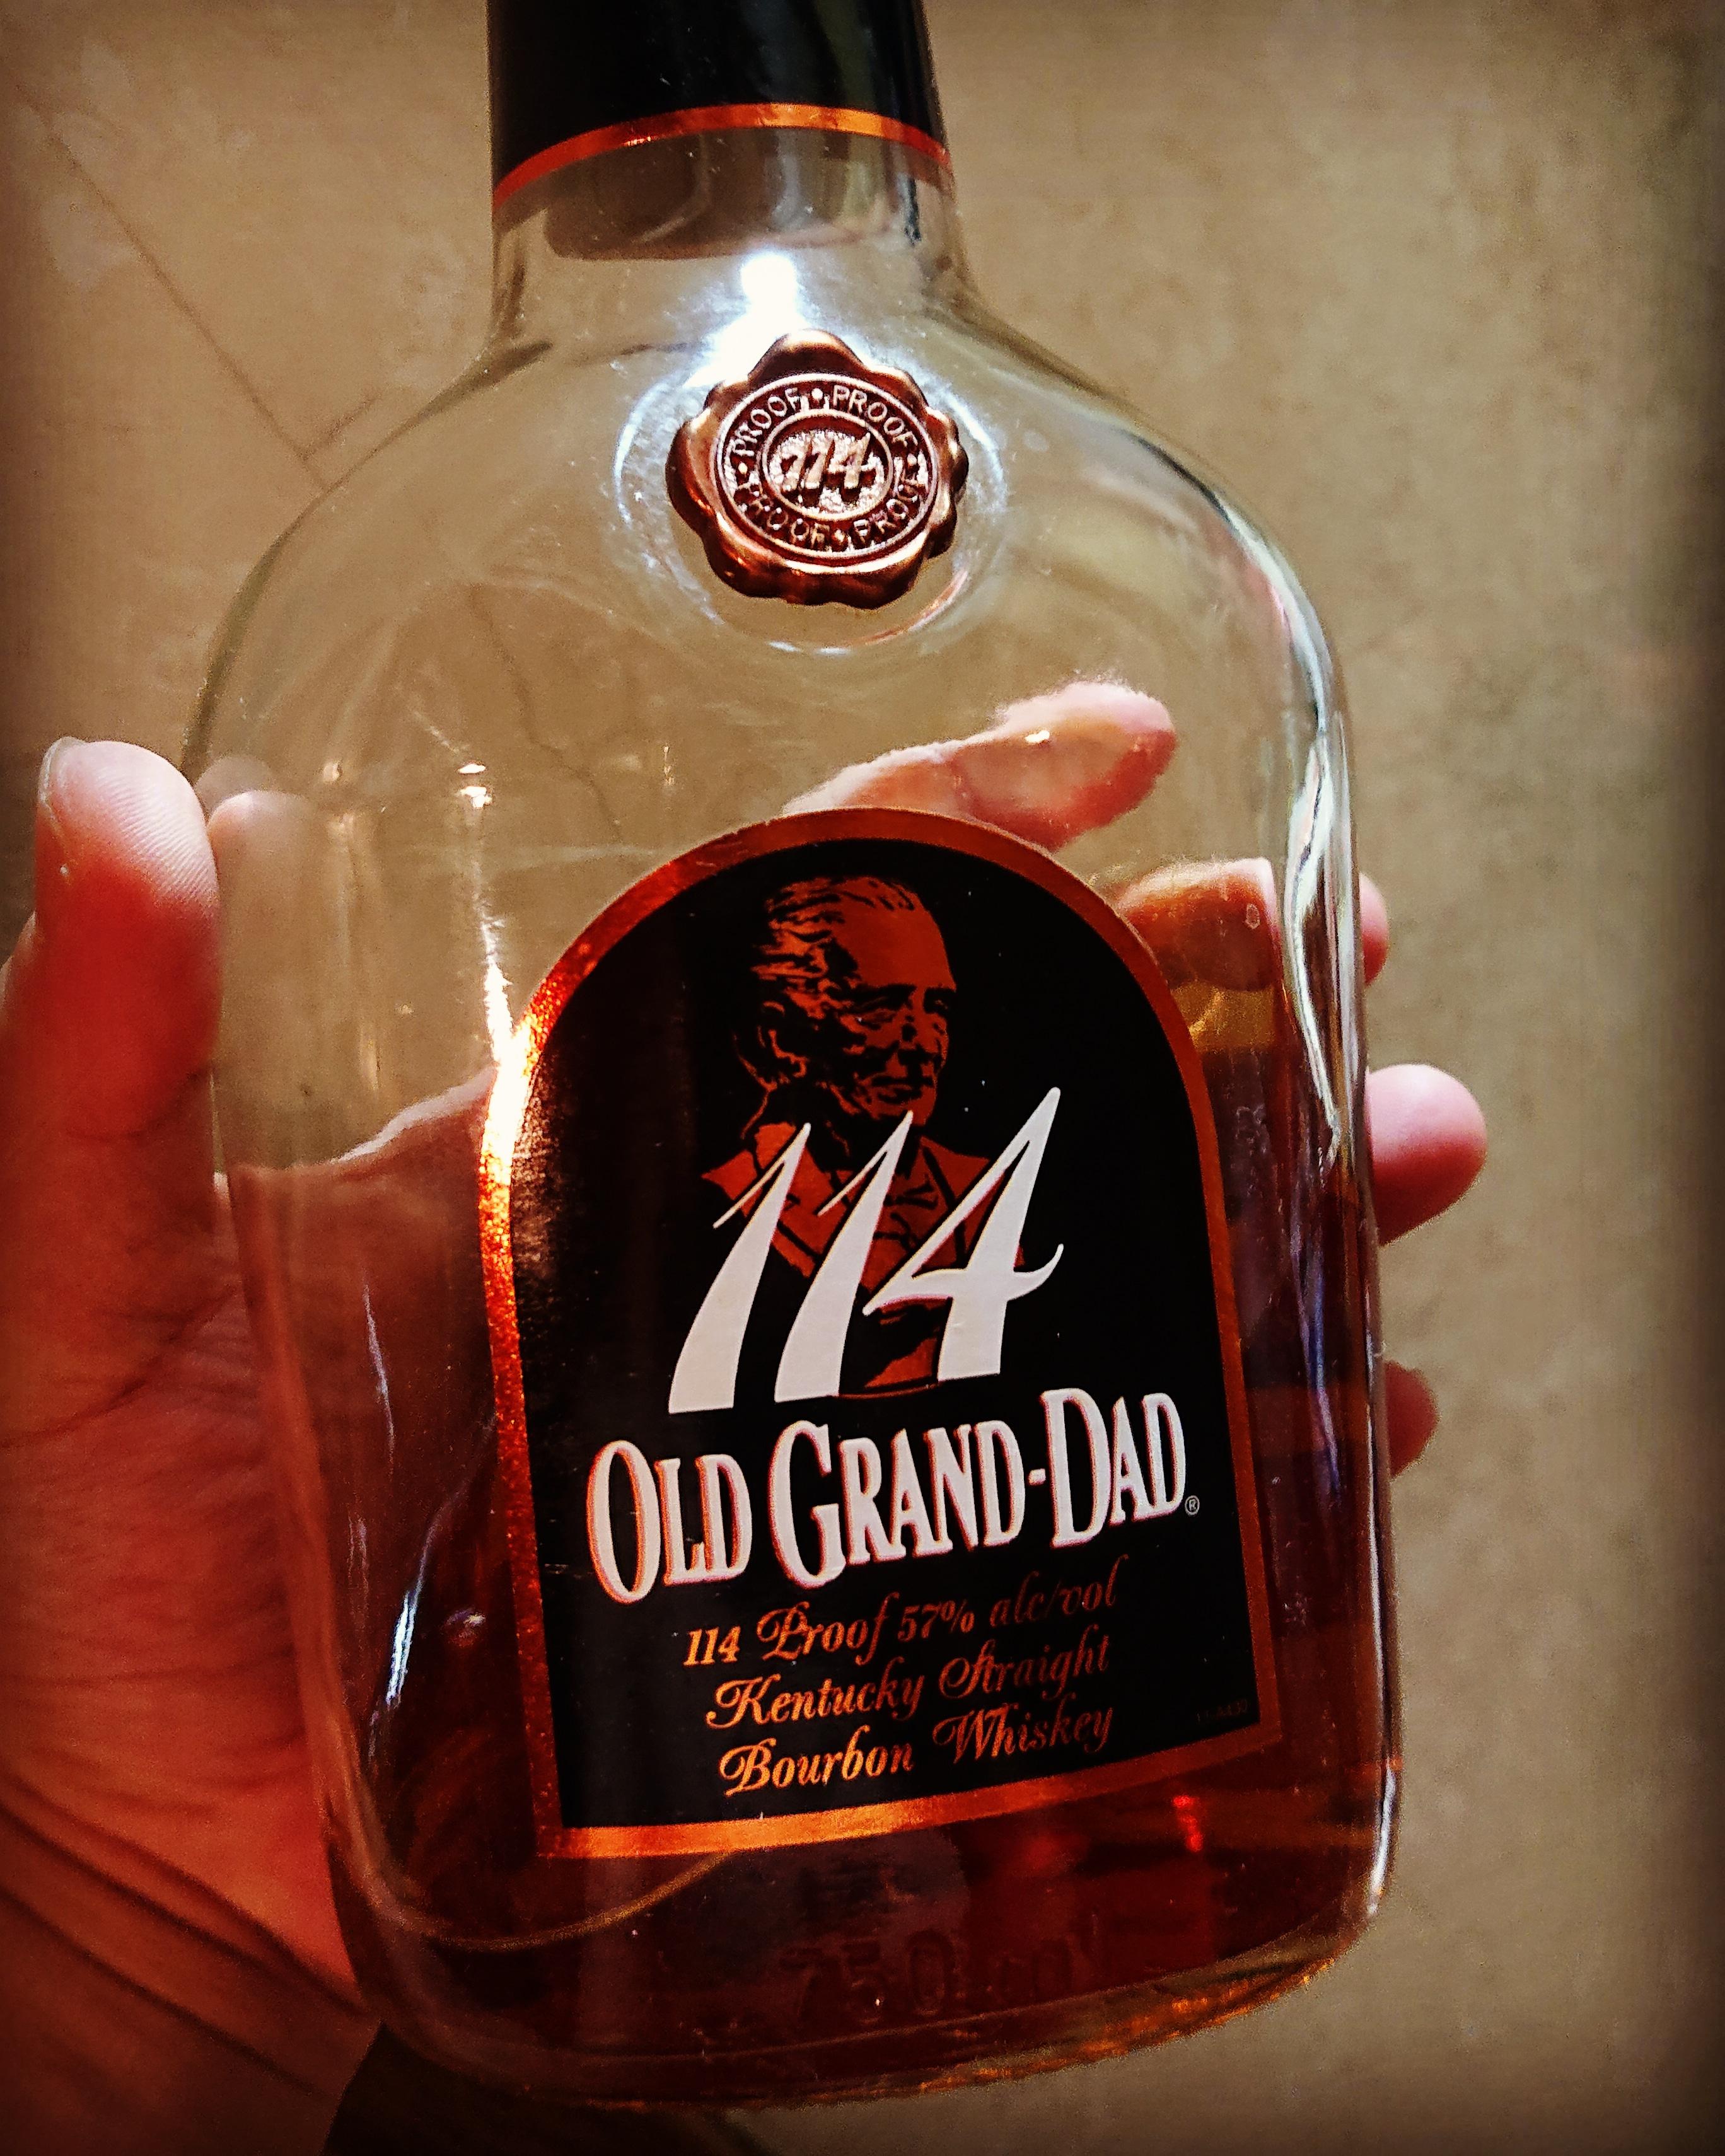 オールドグランダッド114のテイスティング・この値段で本格派の芳醇さ。コスパ最高のバーボン!